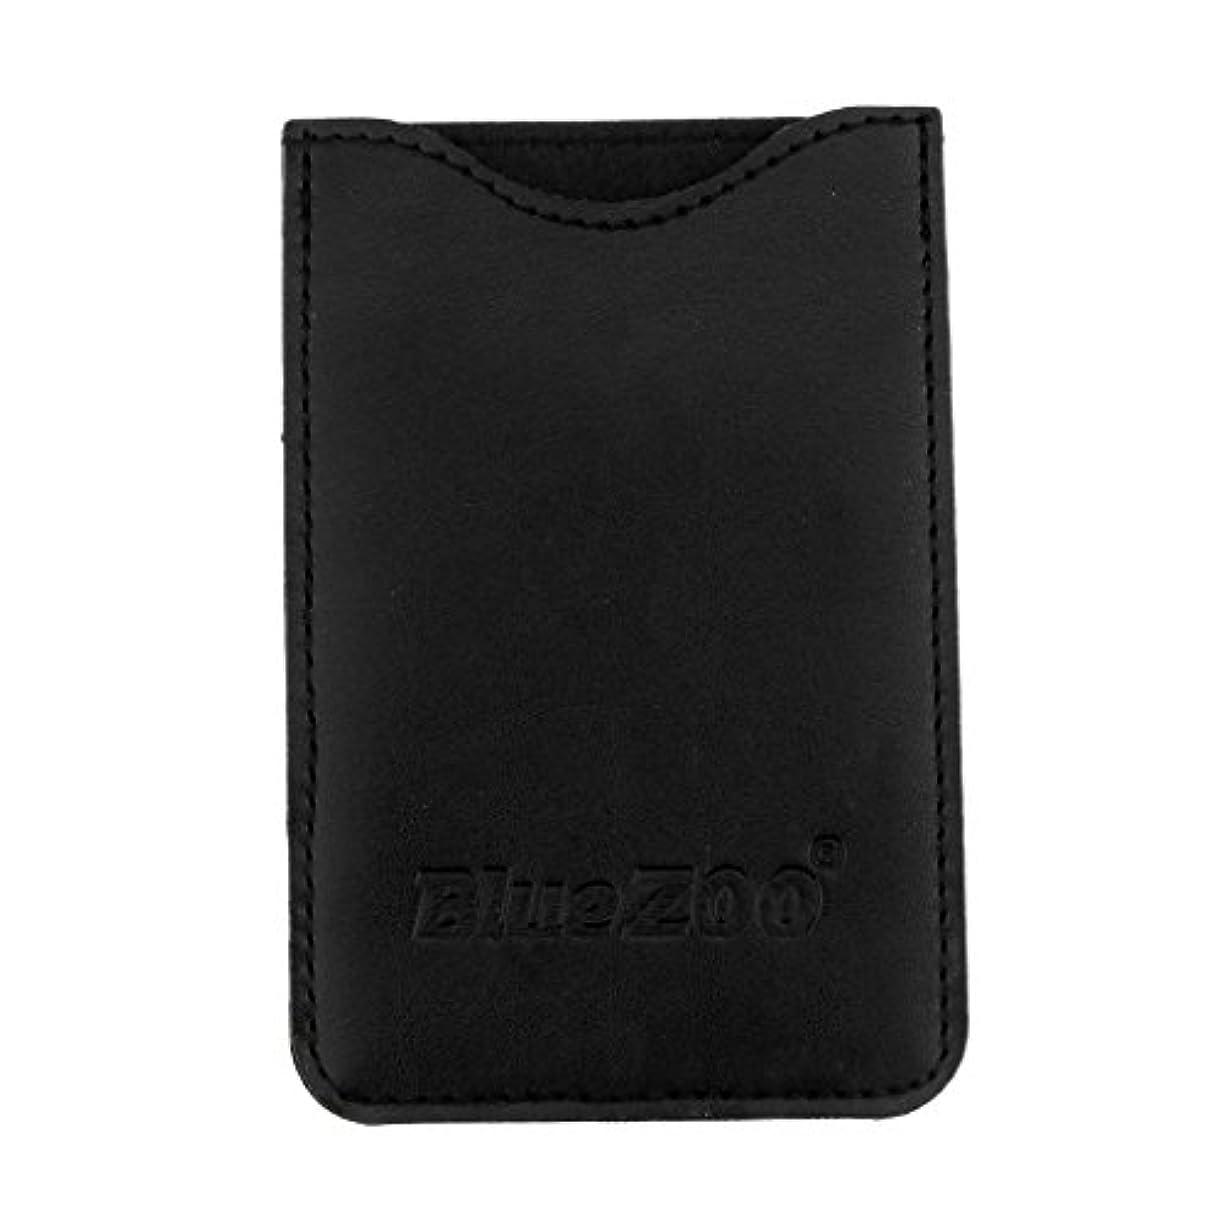 透明に耐えられるエッセイToygogo PUレザー ポケット コームバッグ 櫛バッグ 収納パック 保護カバー 柔らかい 全2色 - ブラック